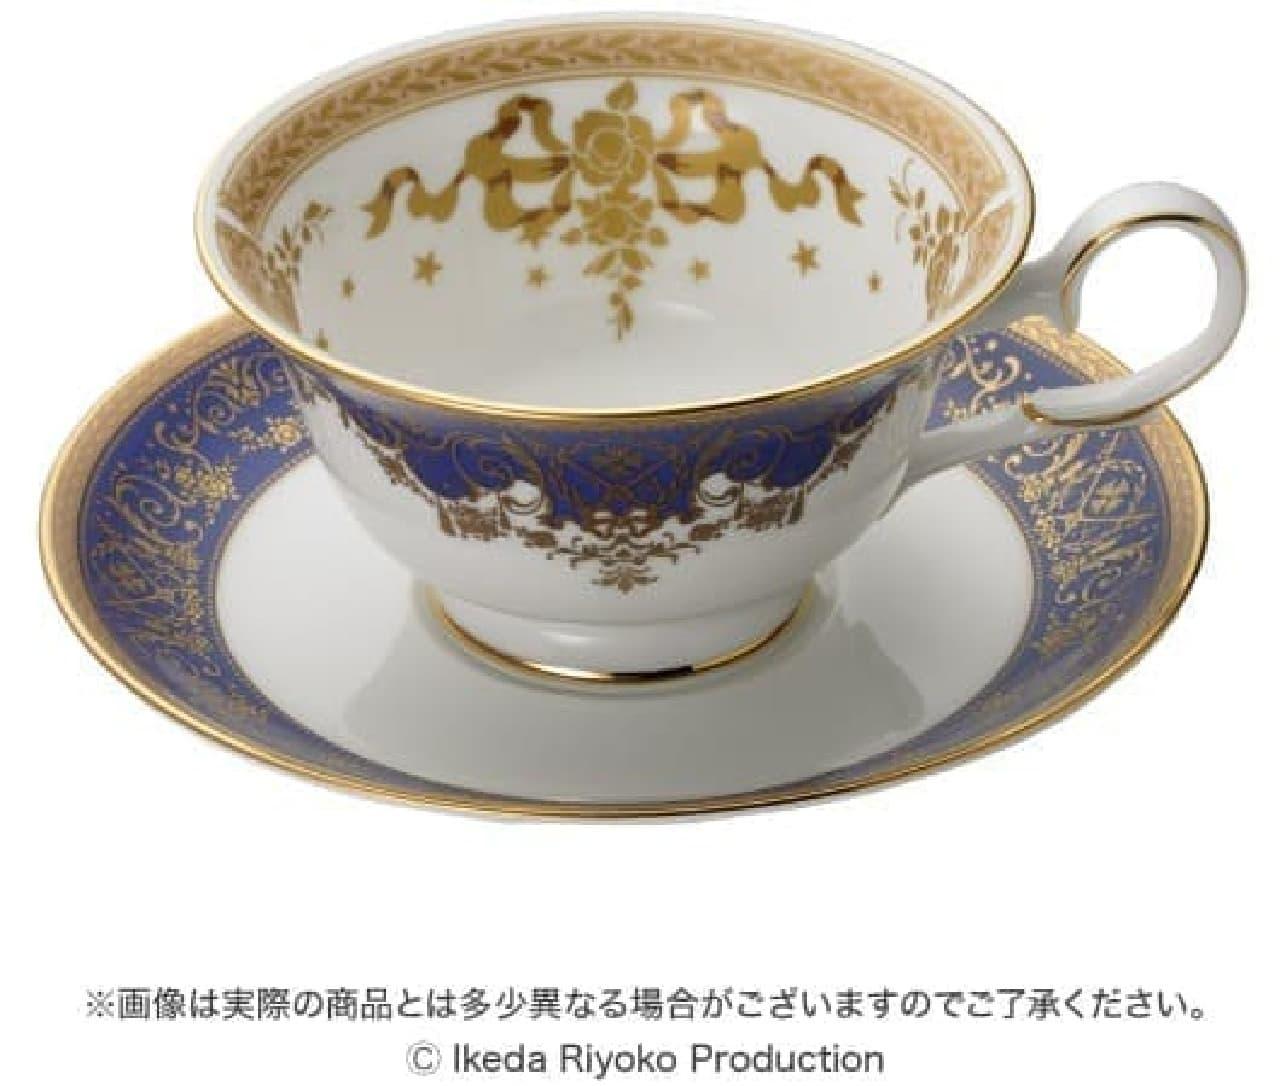 ベルサイユのばら×ノリタケオスカル&アンドレWedding Tea Cup & Saucer Set